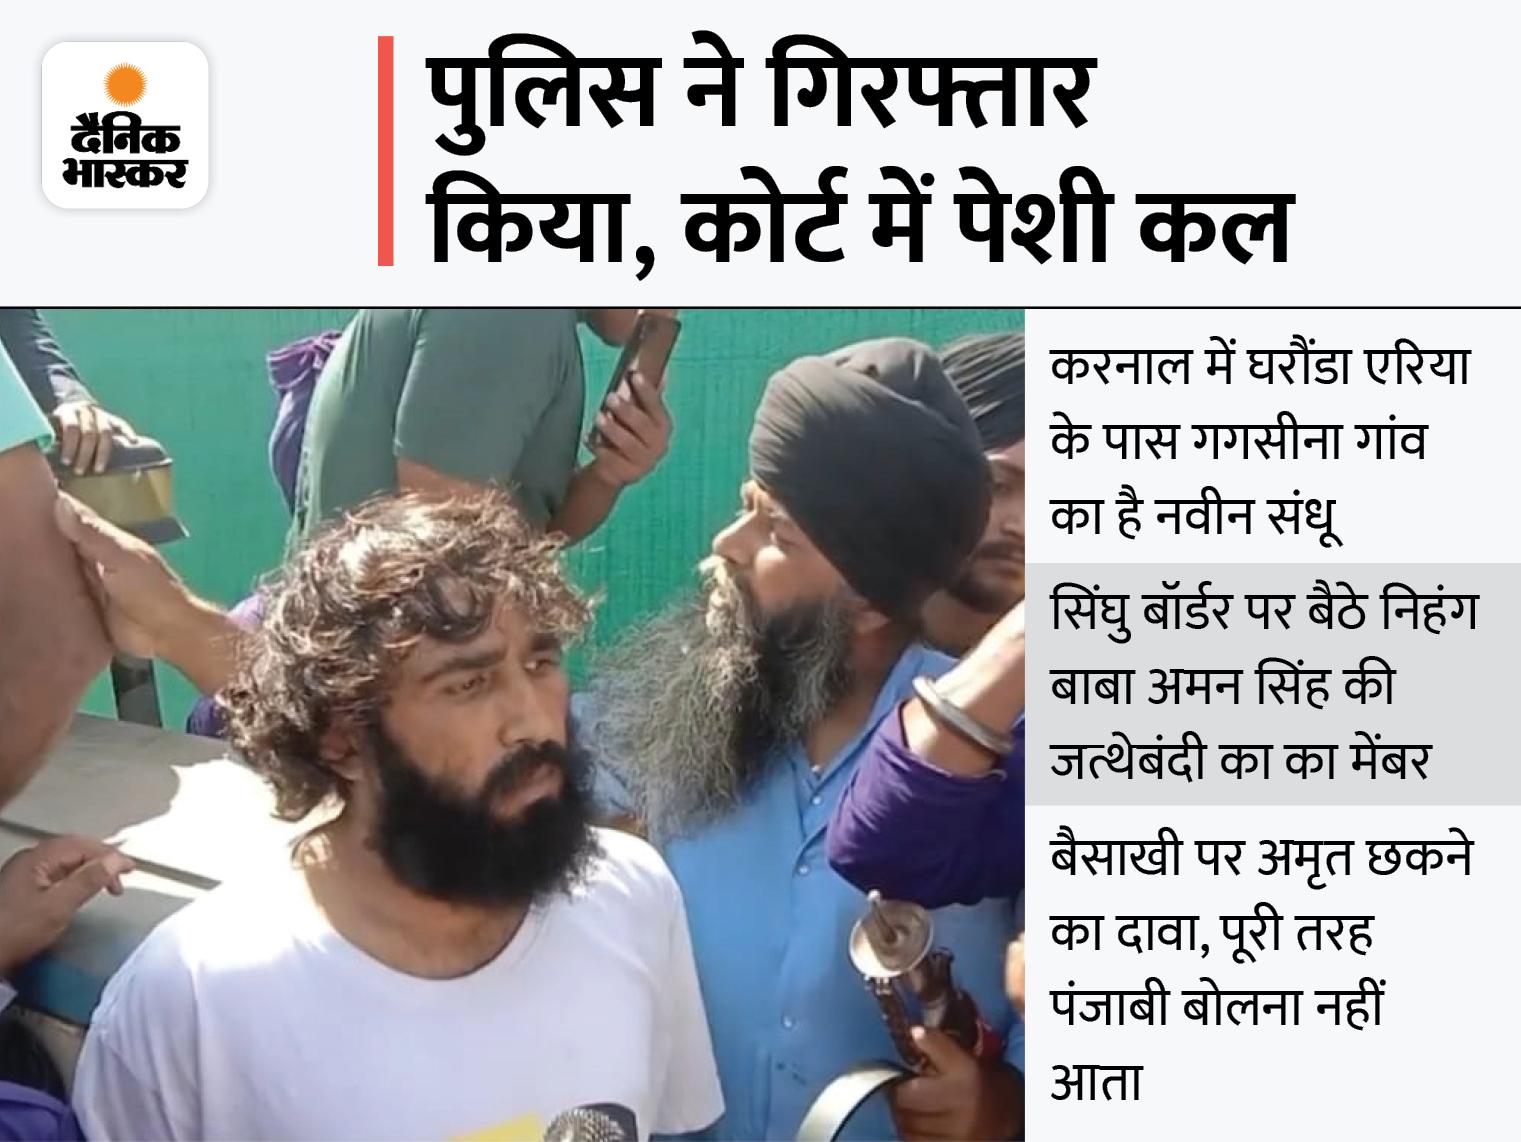 3 दिन पहले बाबा अमन सिंह के दल में आए नवीन को नहीं आती पंजाबी; टूट चुकी है शादी|देश,National - Dainik Bhaskar